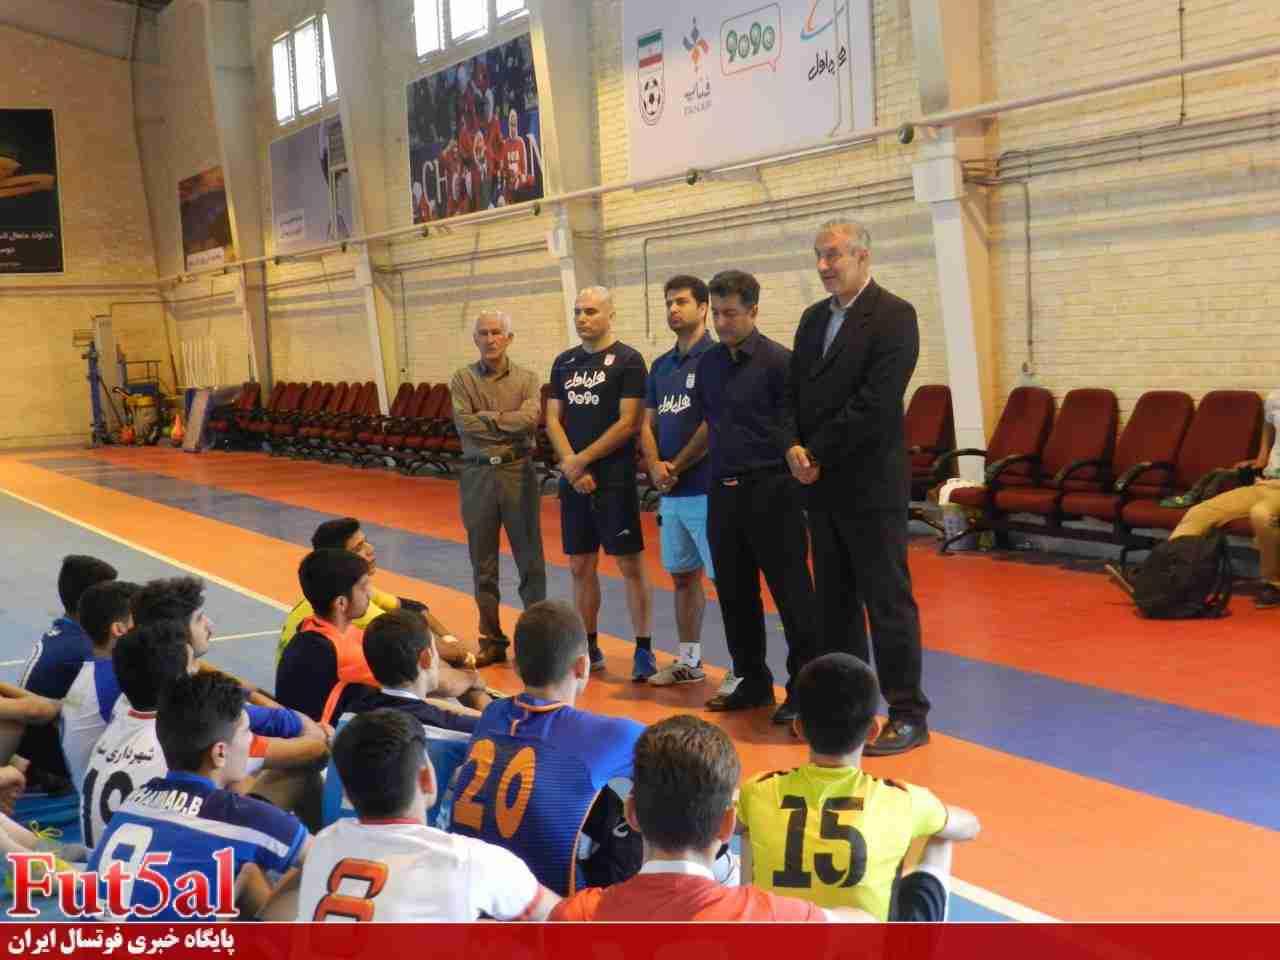 تمرینات تیم ملی فوتسال زیر ۲۰ سال لغو شد